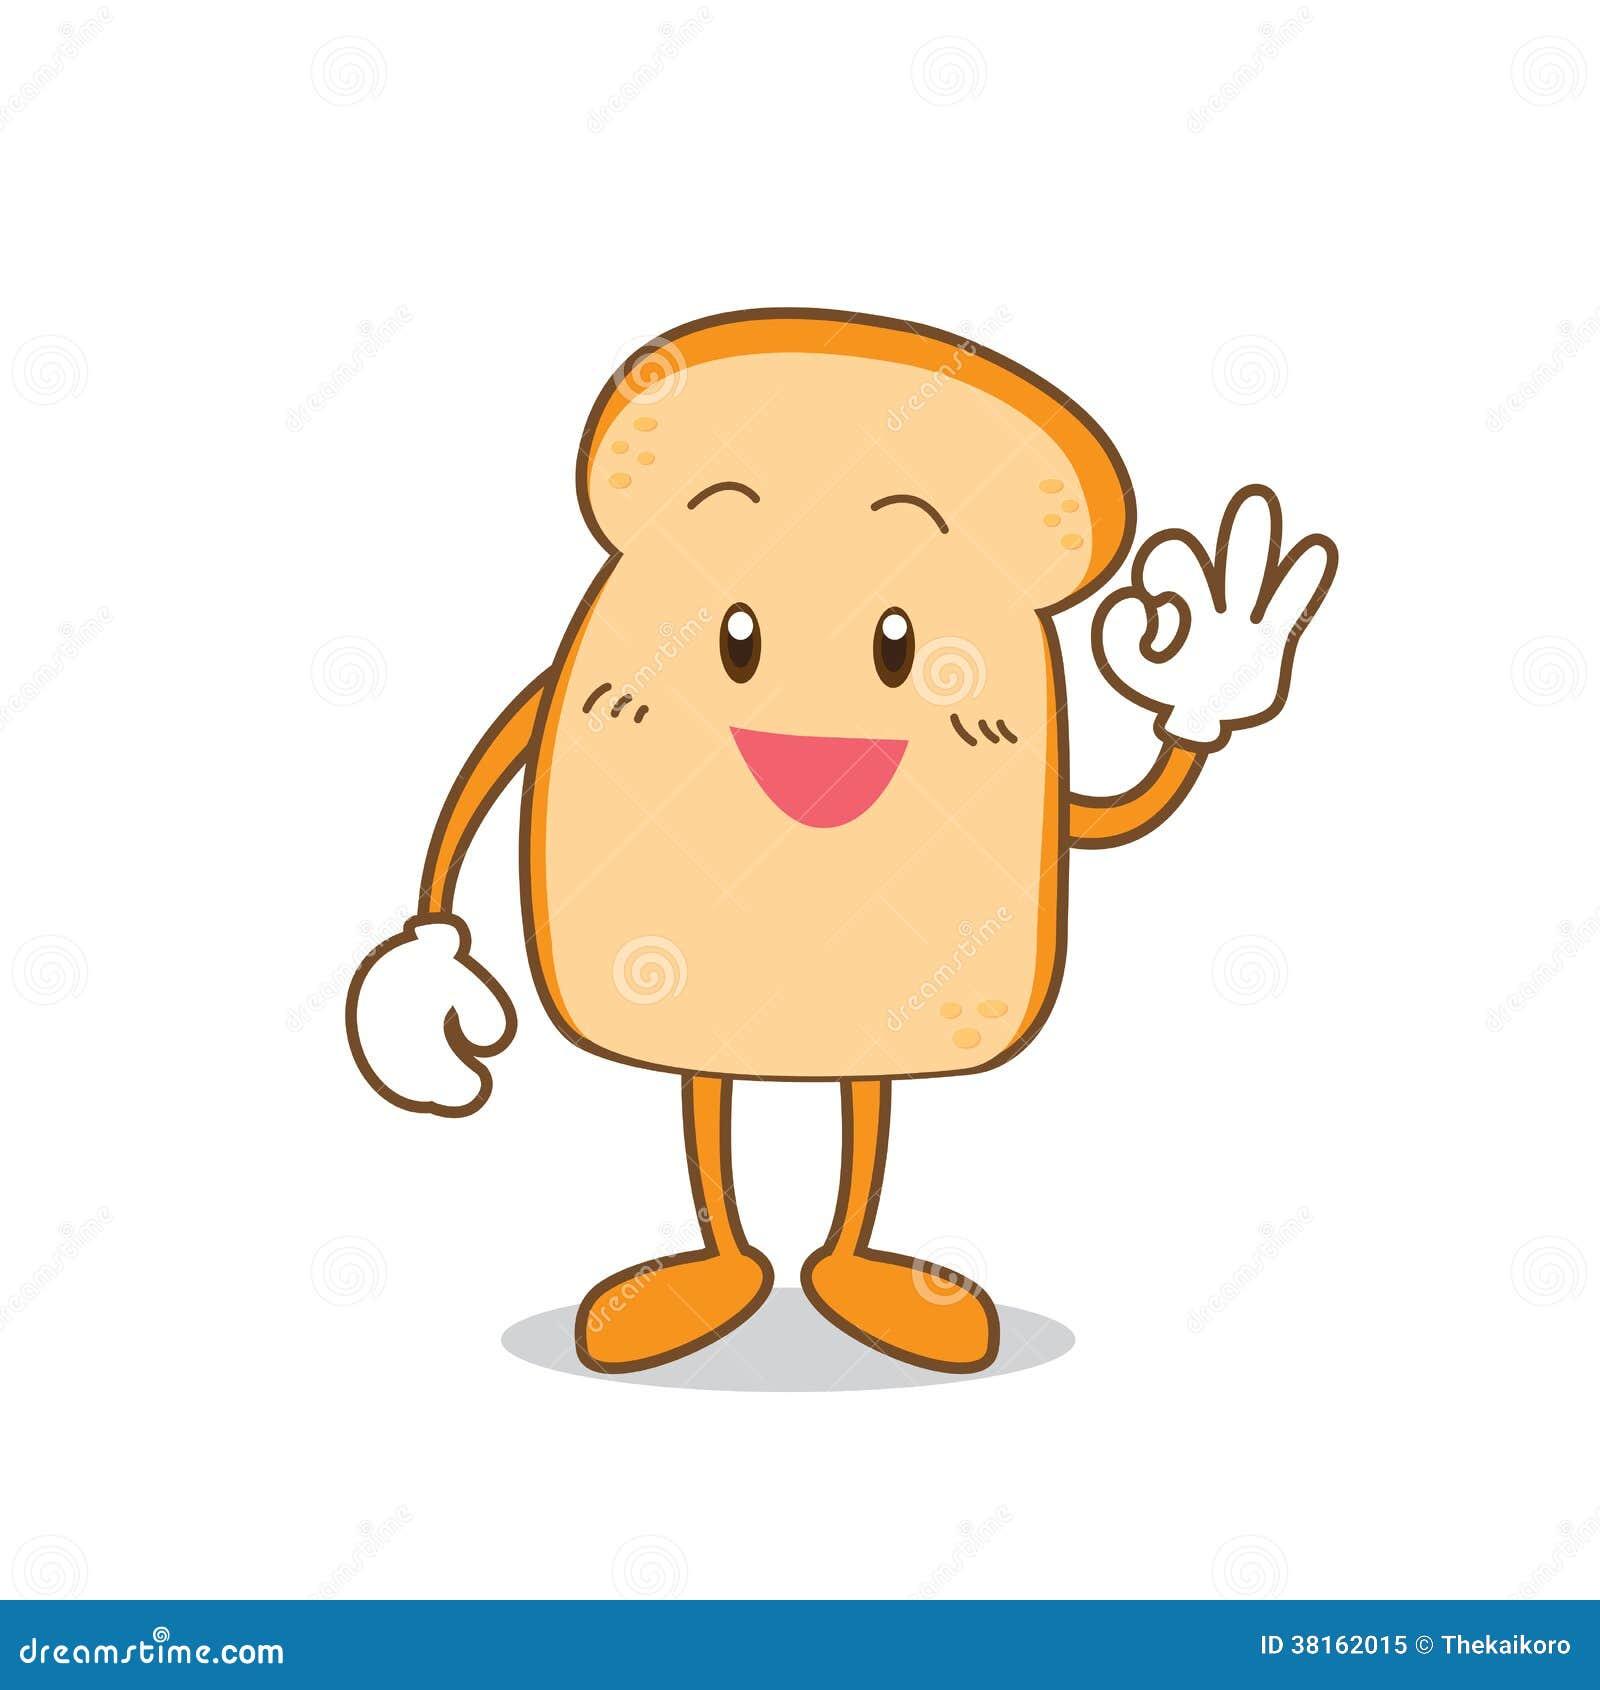 Isolated Slice Of Bread Cartoon Royalty Free Stock Photo ...